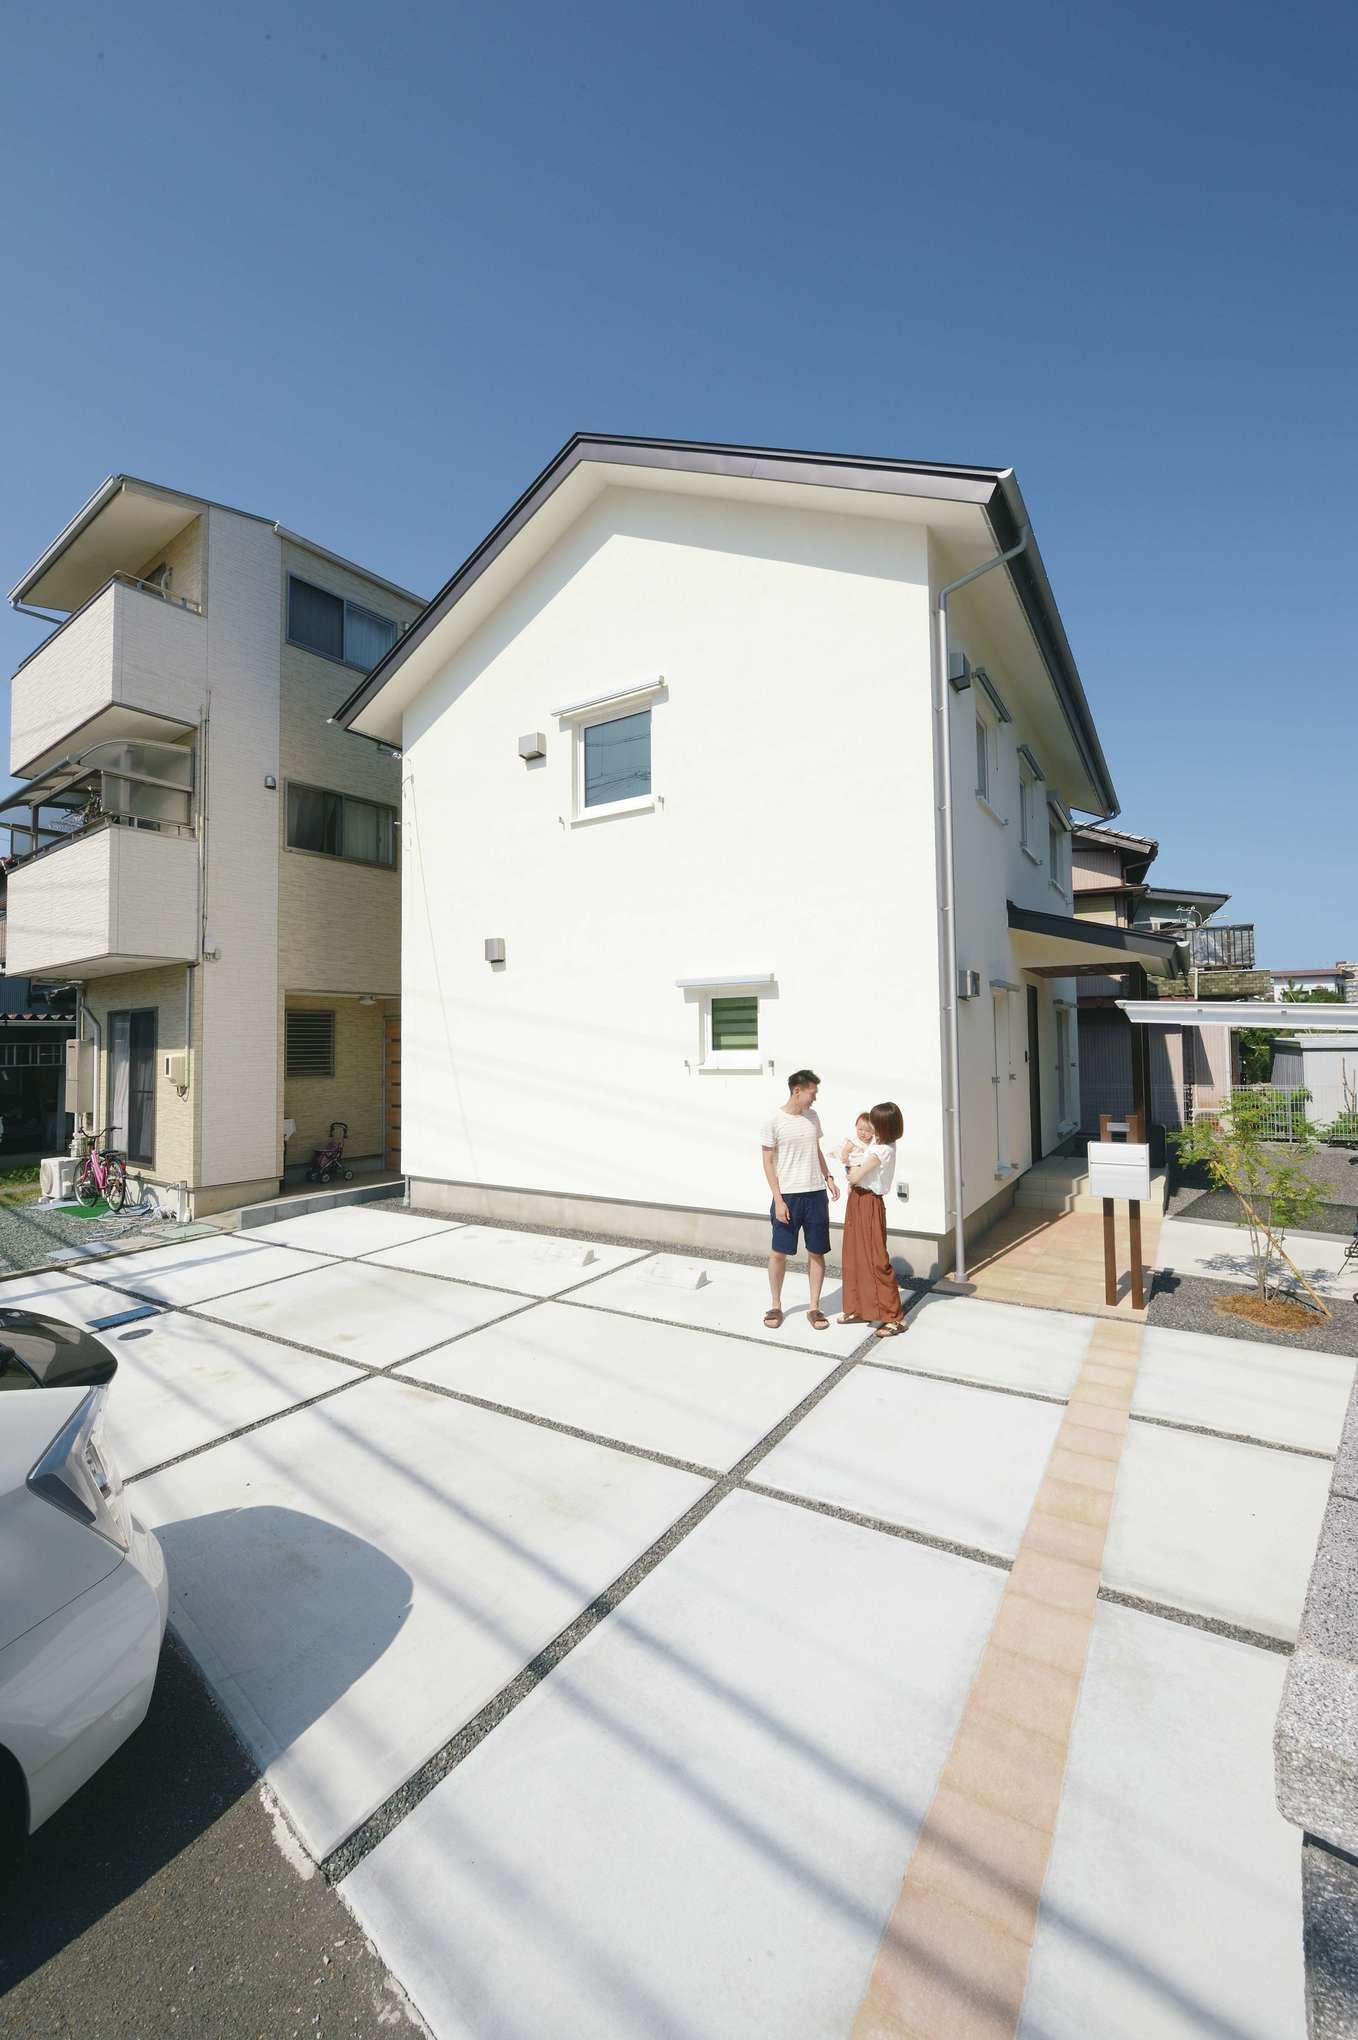 低燃費住宅 静岡(TK武田建築)【子育て、自然素材、省エネ】外観にはメンテナンスフリーのアルセコを採用